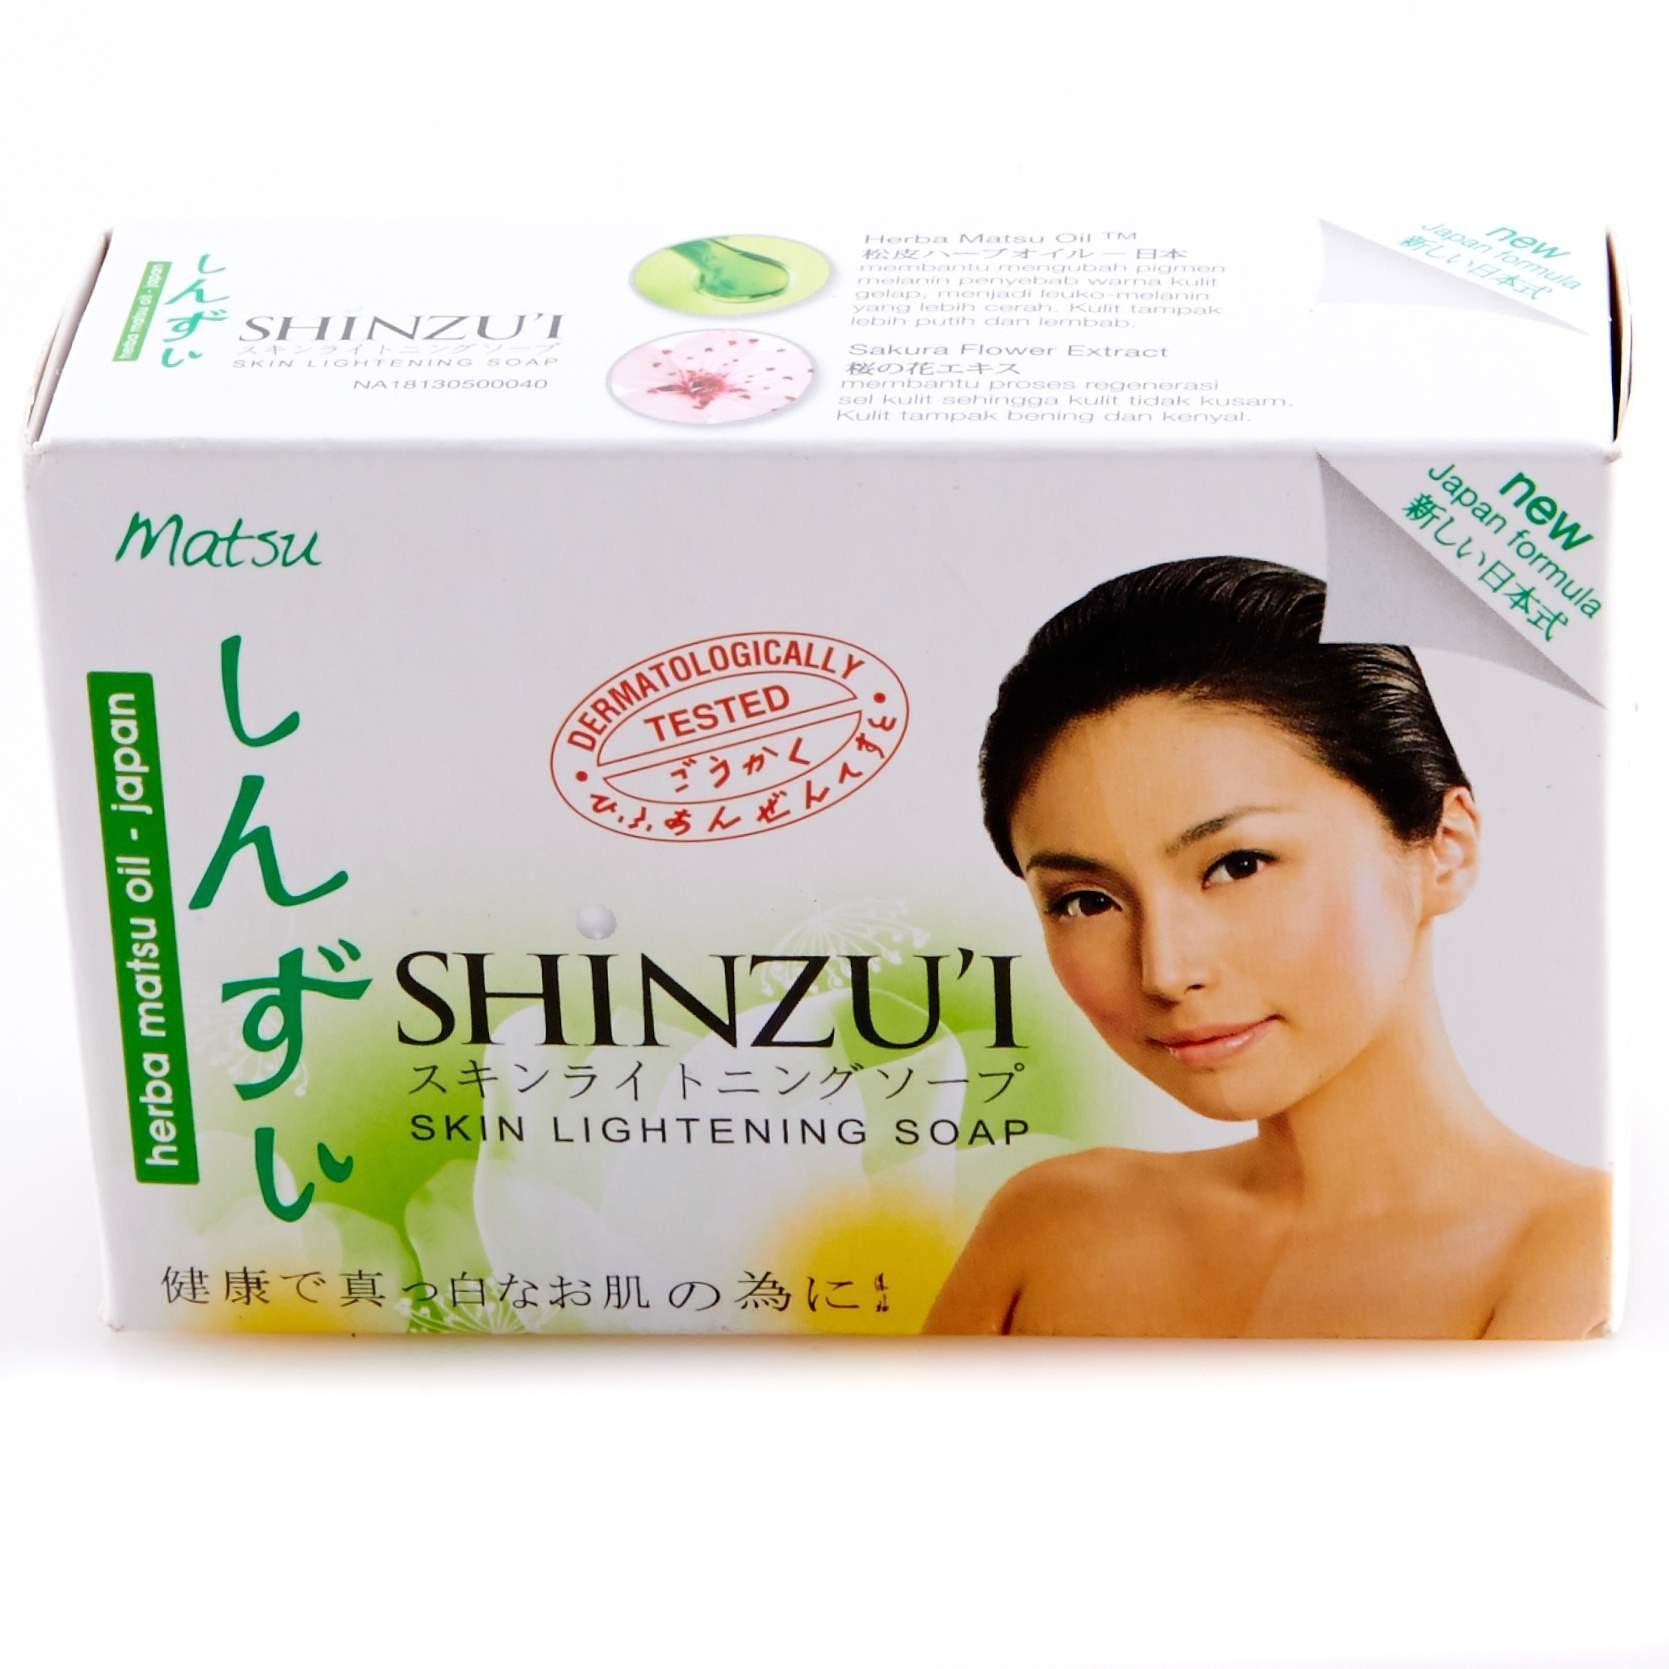 Shinzui Body Lotion Matsu 210 Ml Produk Terbaik Wiki Harga Paket Cleanser Bar Soap 95g